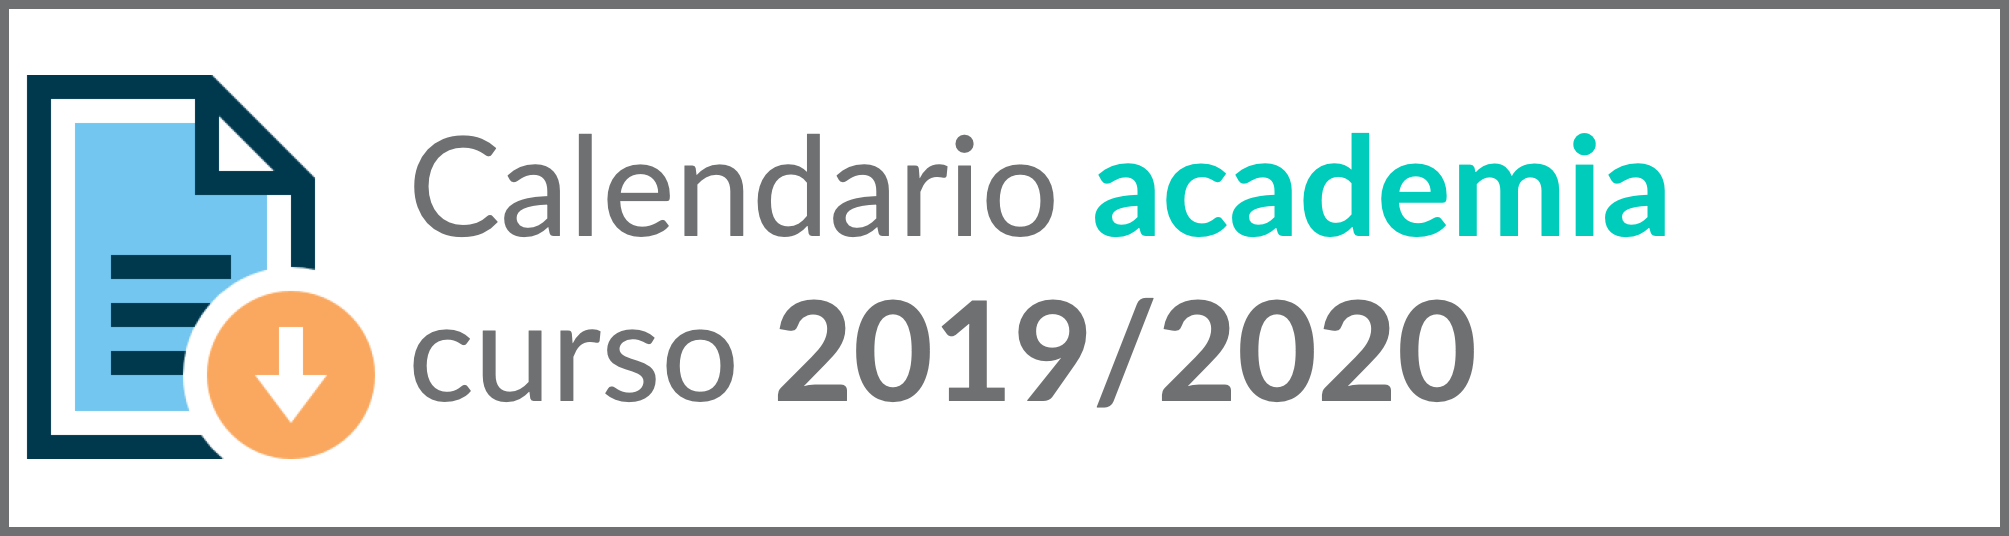 calendario academia 2019-2020